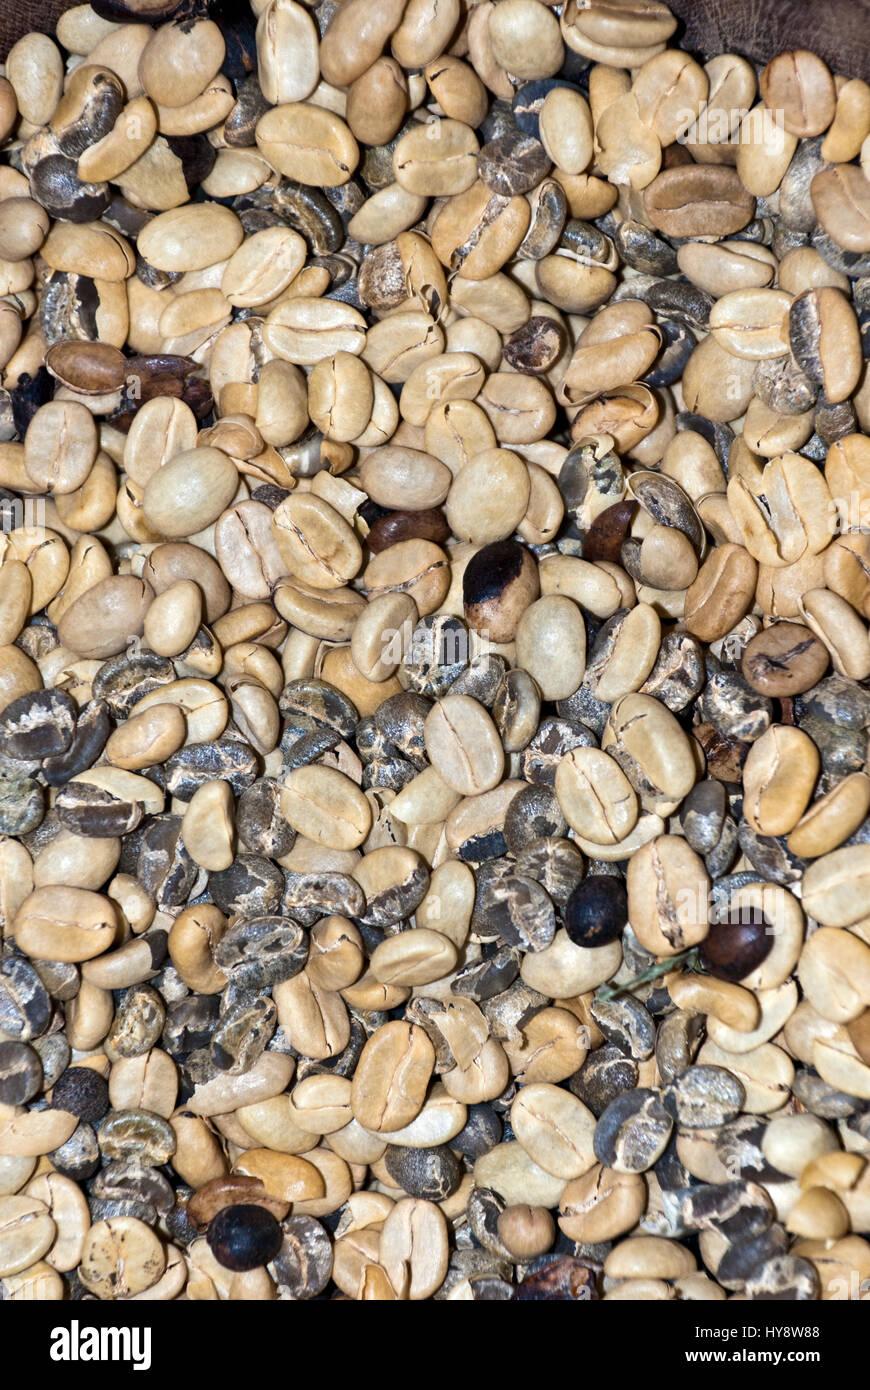 Café - Café Vert - Valeur nutritive et d'antioxydant - Prestations de santé - milieux et Textures Photo Stock